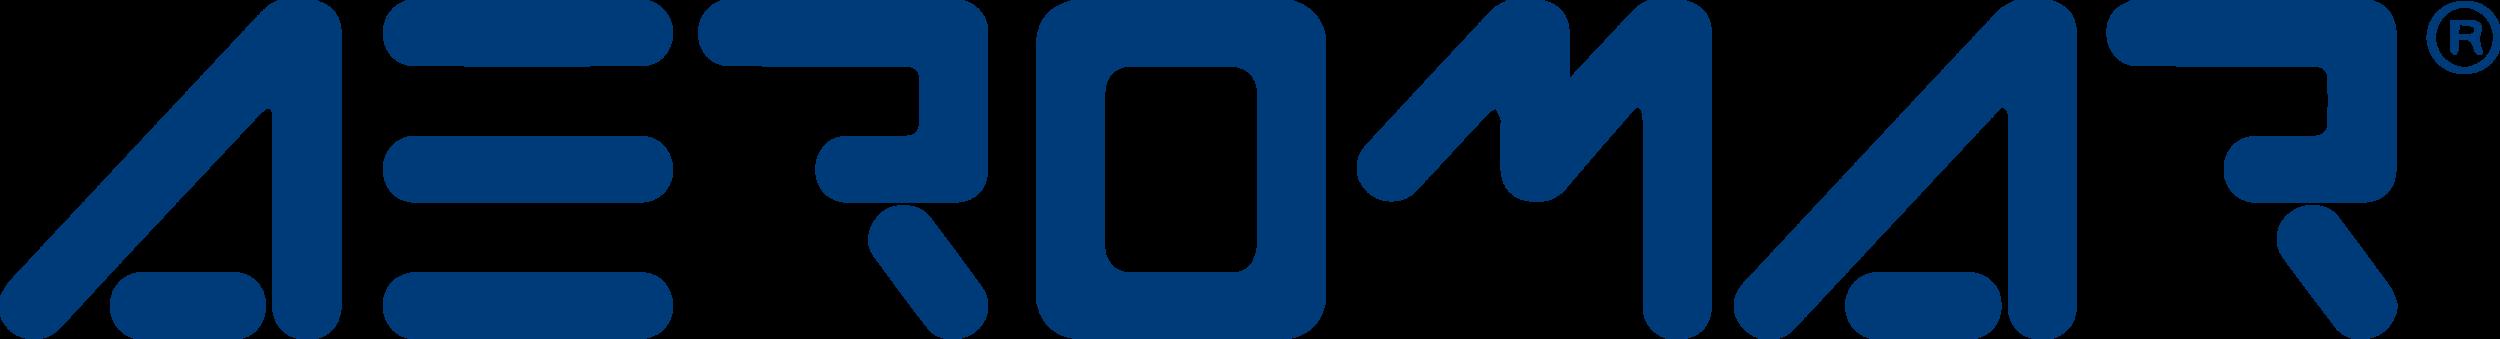 Aeromar_Logo.png